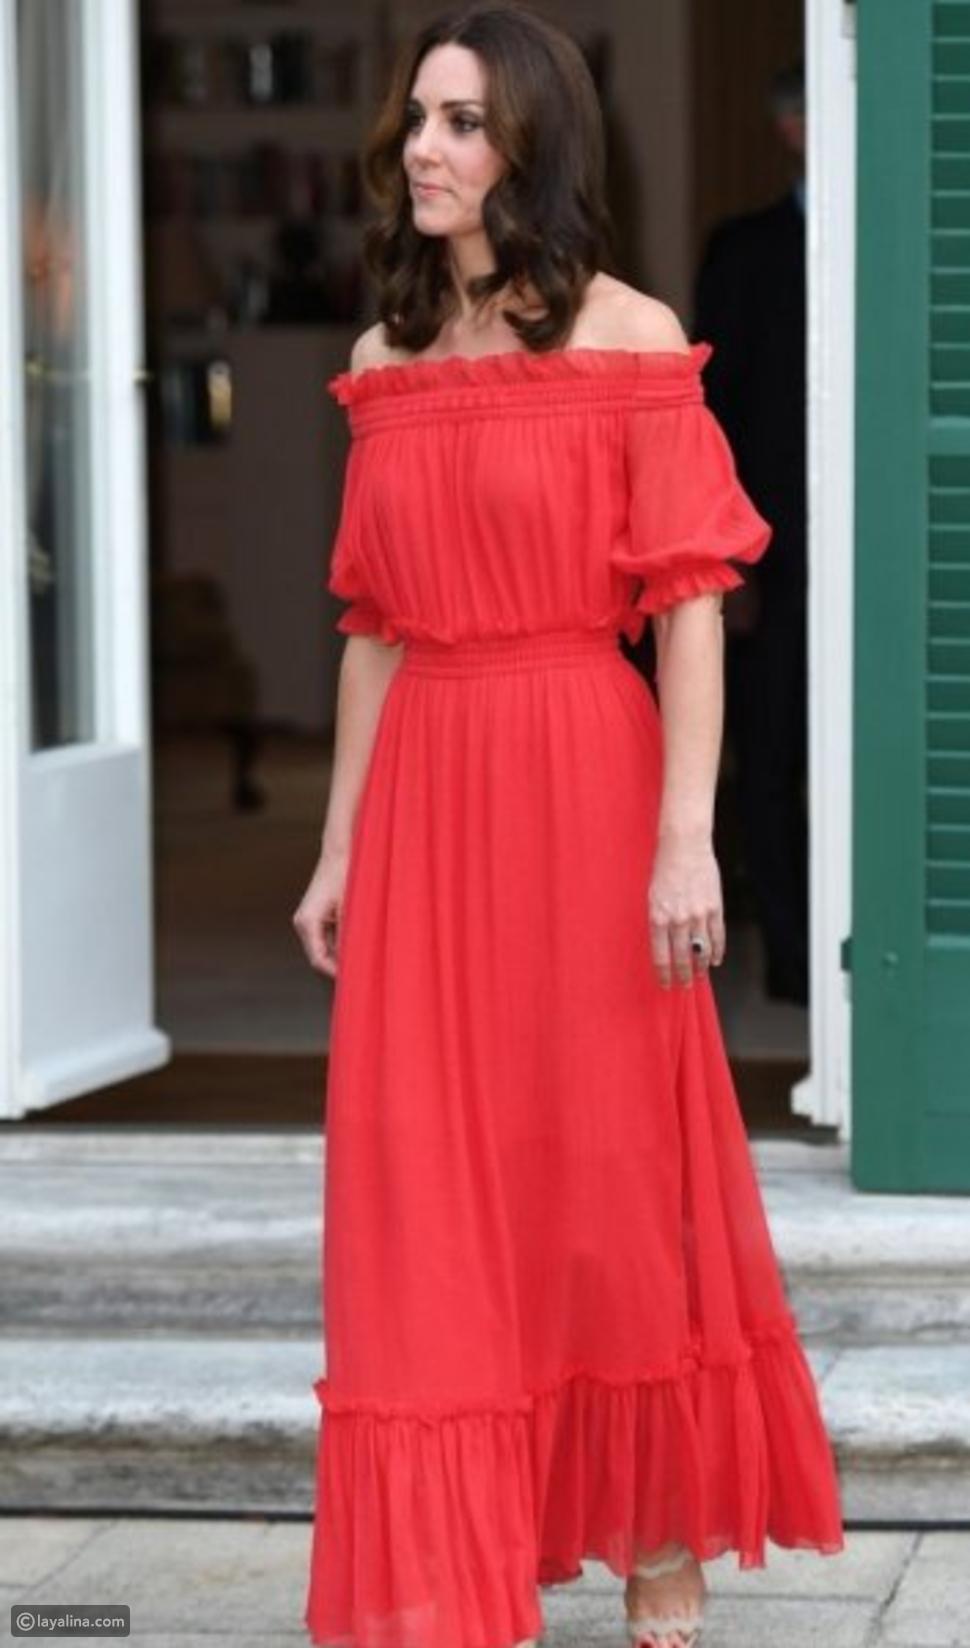 كيت ميدلتون بفستان أحمر أوف ذا شولدر من تصميم أليكسندر مكوين